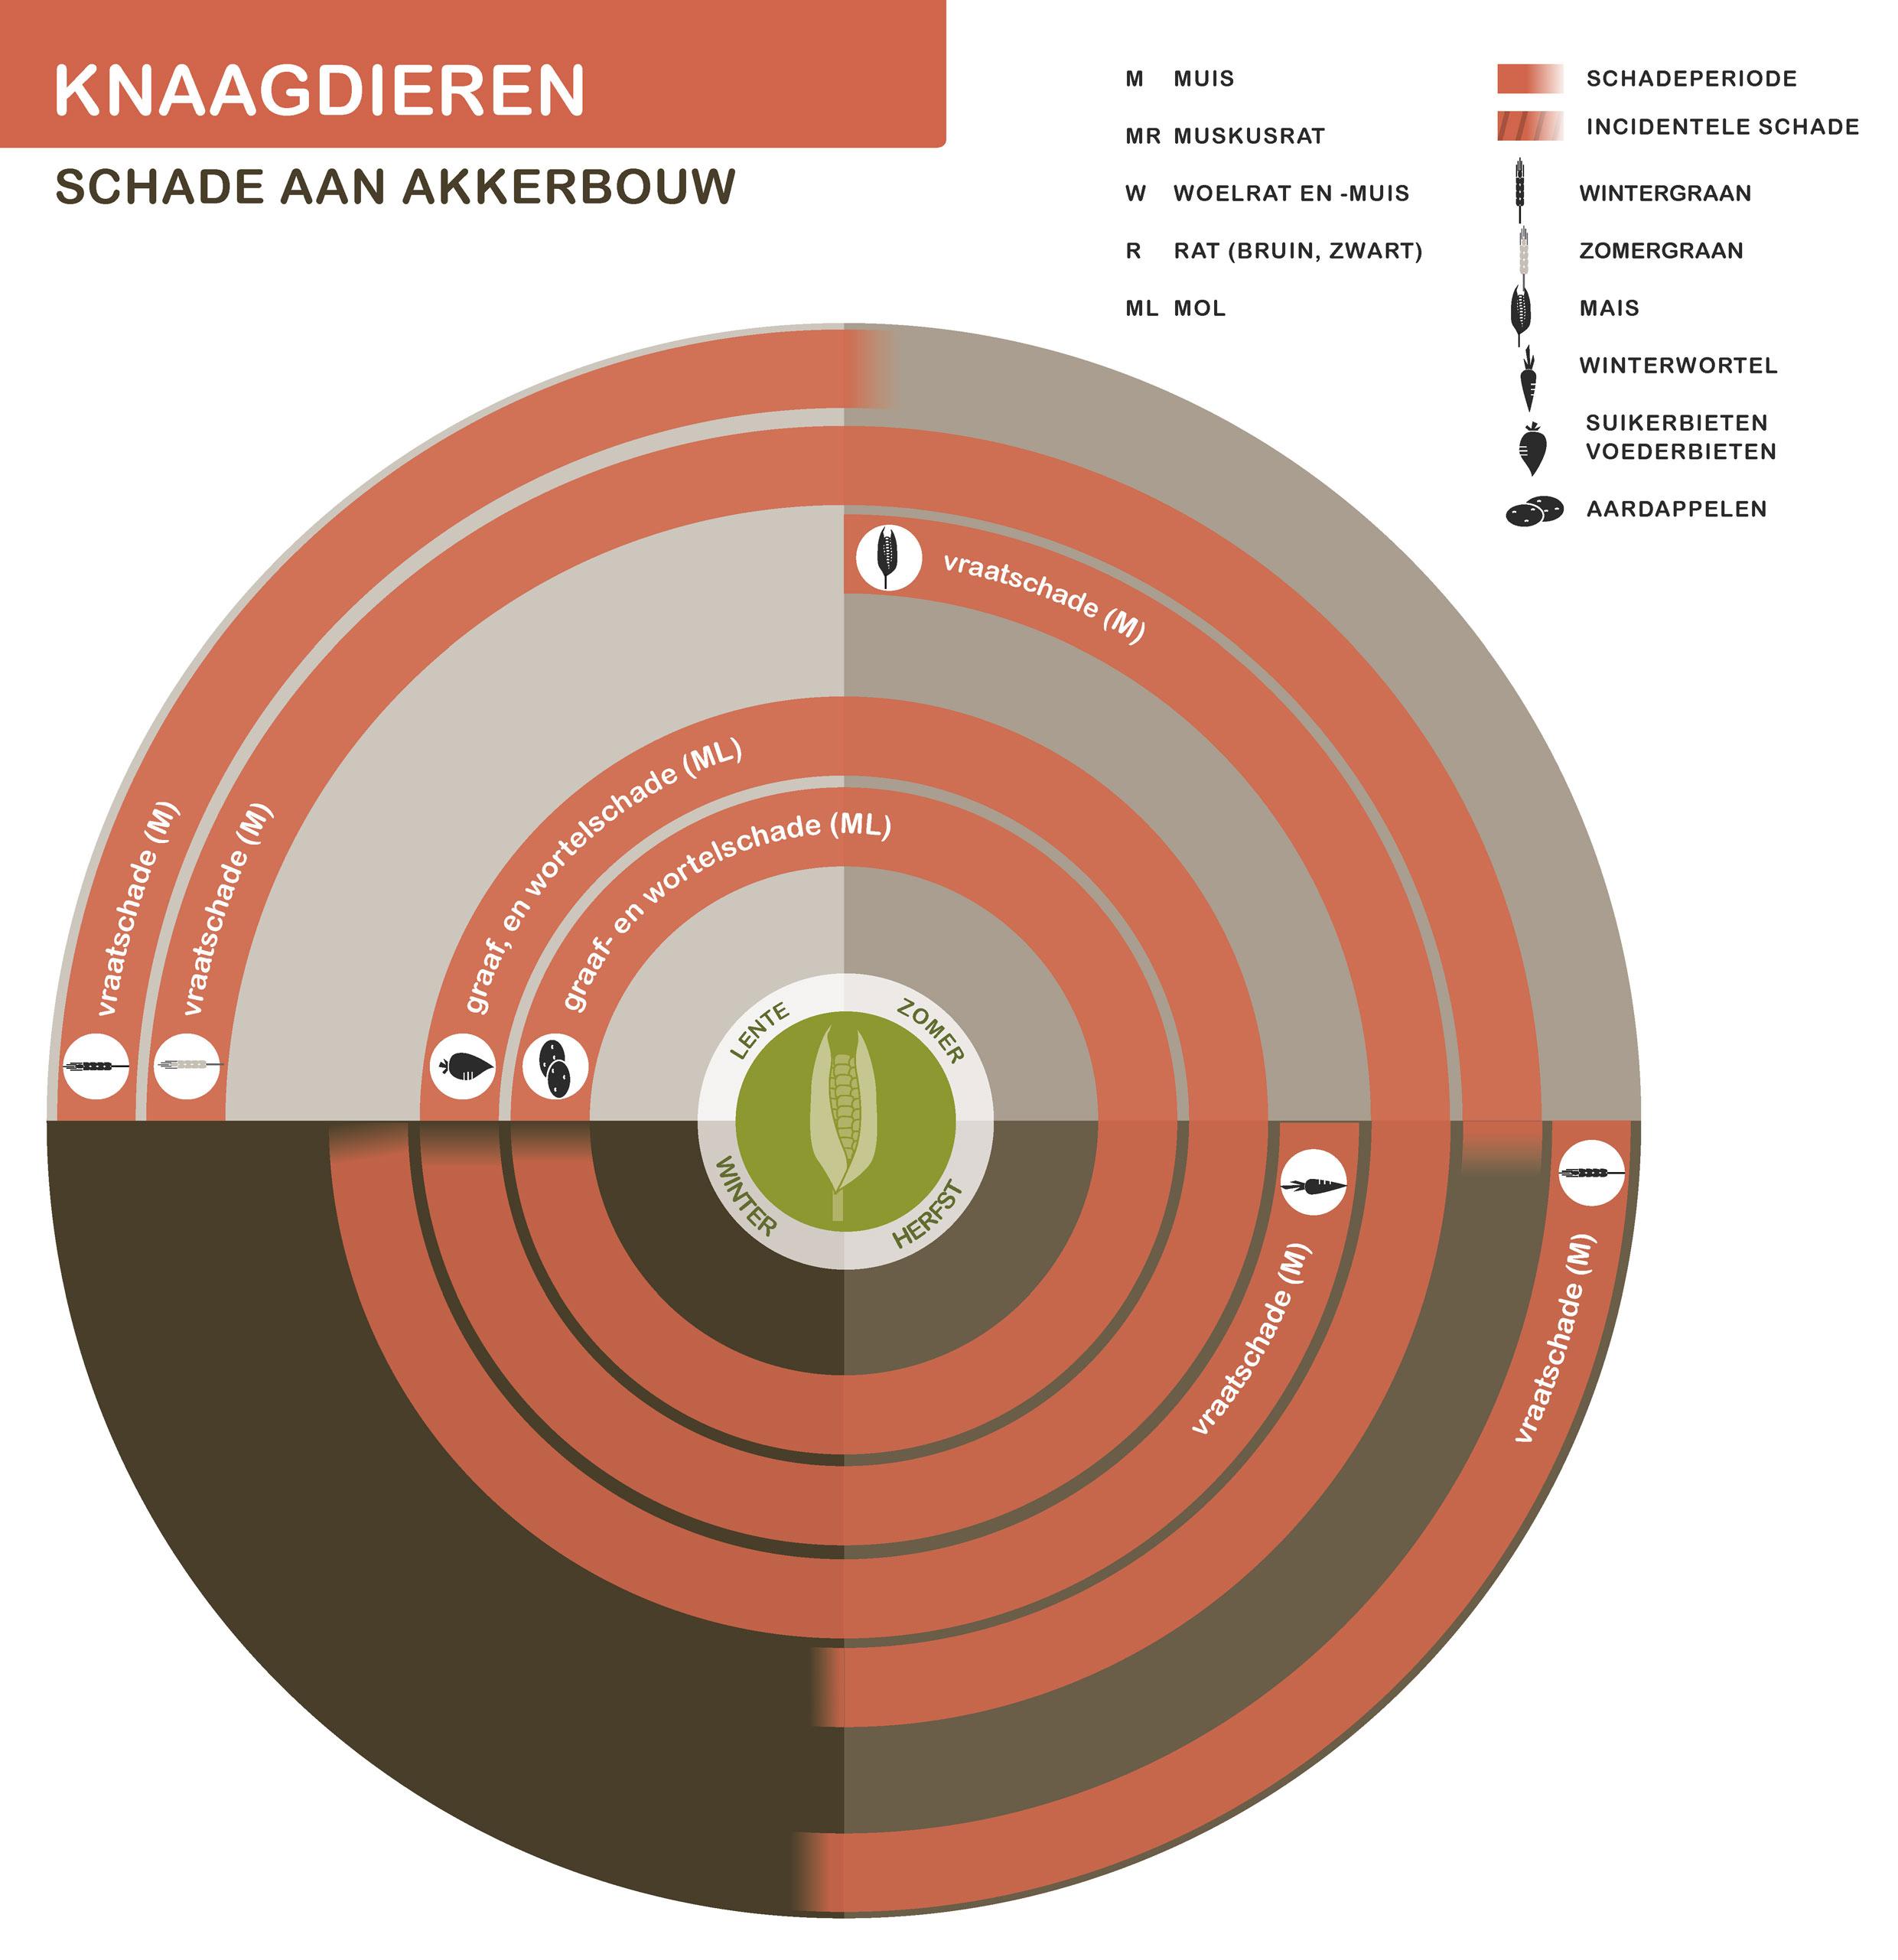 FPK-infogr-knaagd-akkerbouw-1